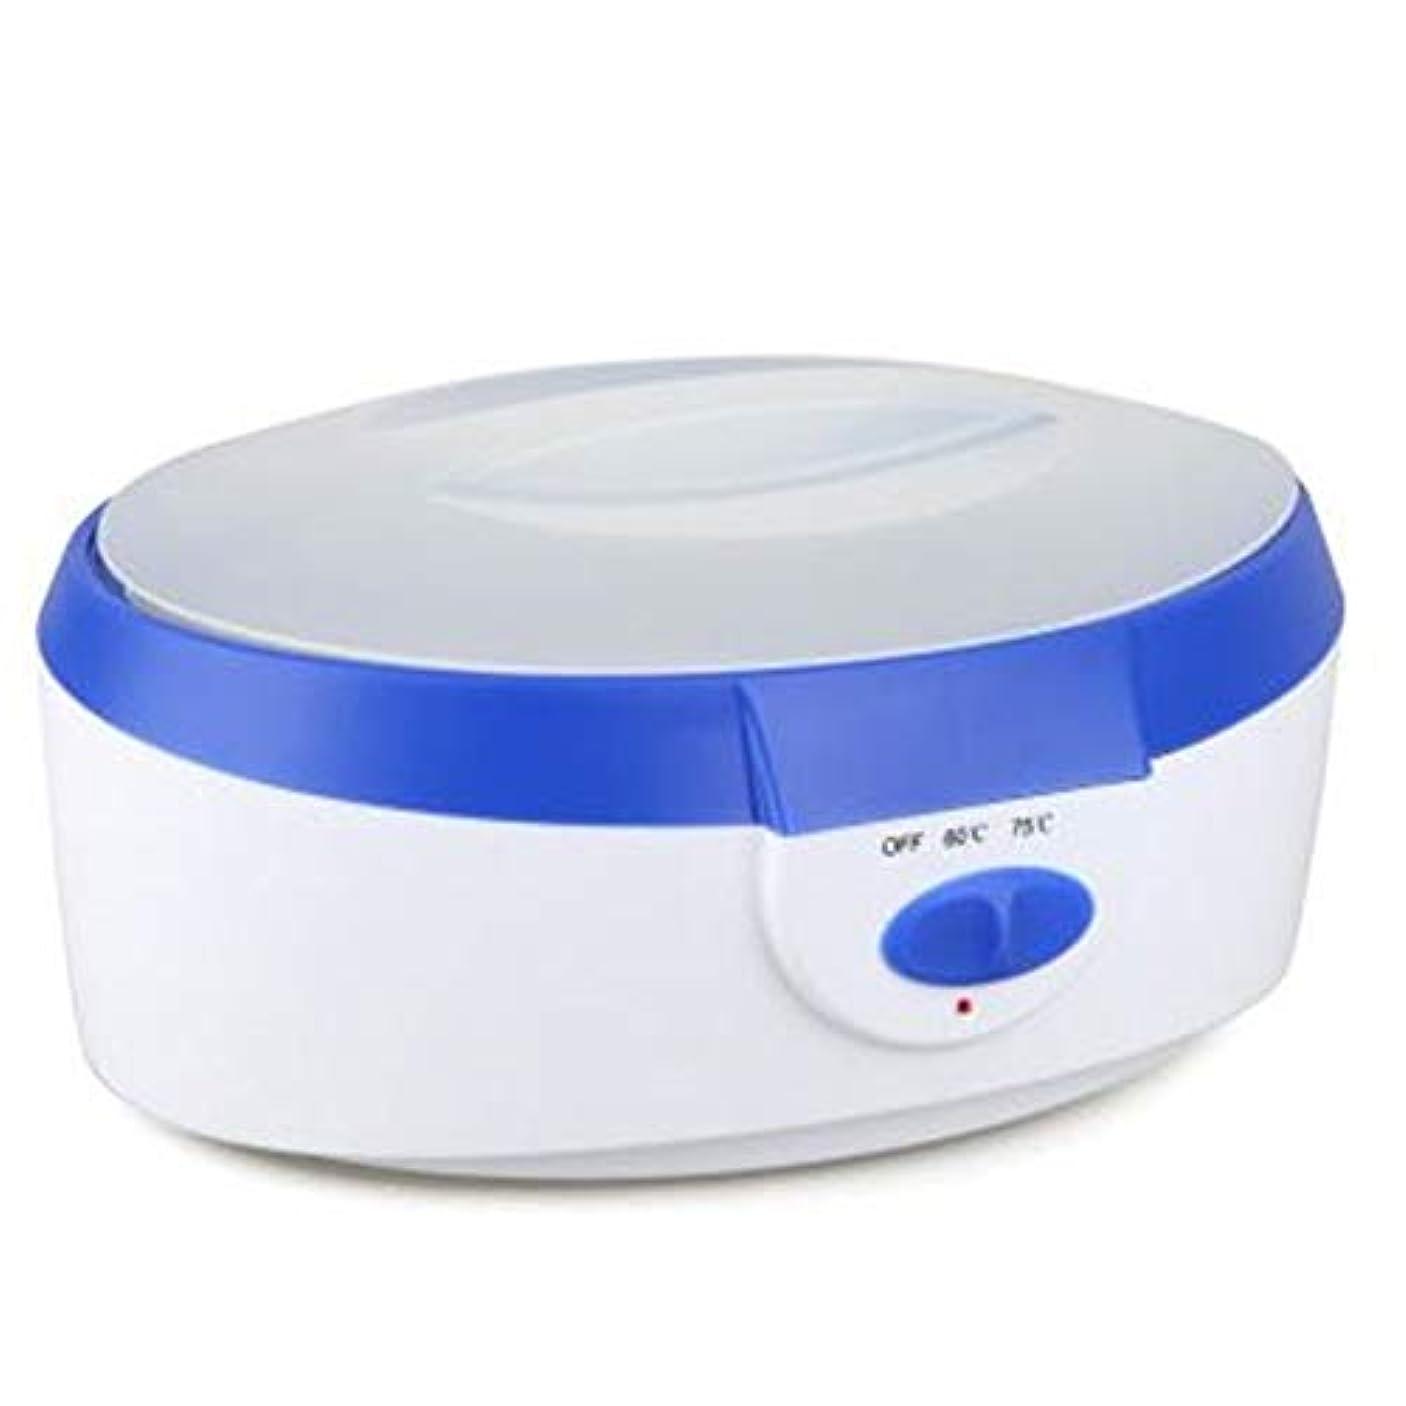 追跡酔った債務2.5Lパラフィンワックスのヒーターの皮の処置機械高容量の毛の取り外しのパラフィン暖房の鍋のワックスのウォーマーセット,ブルー